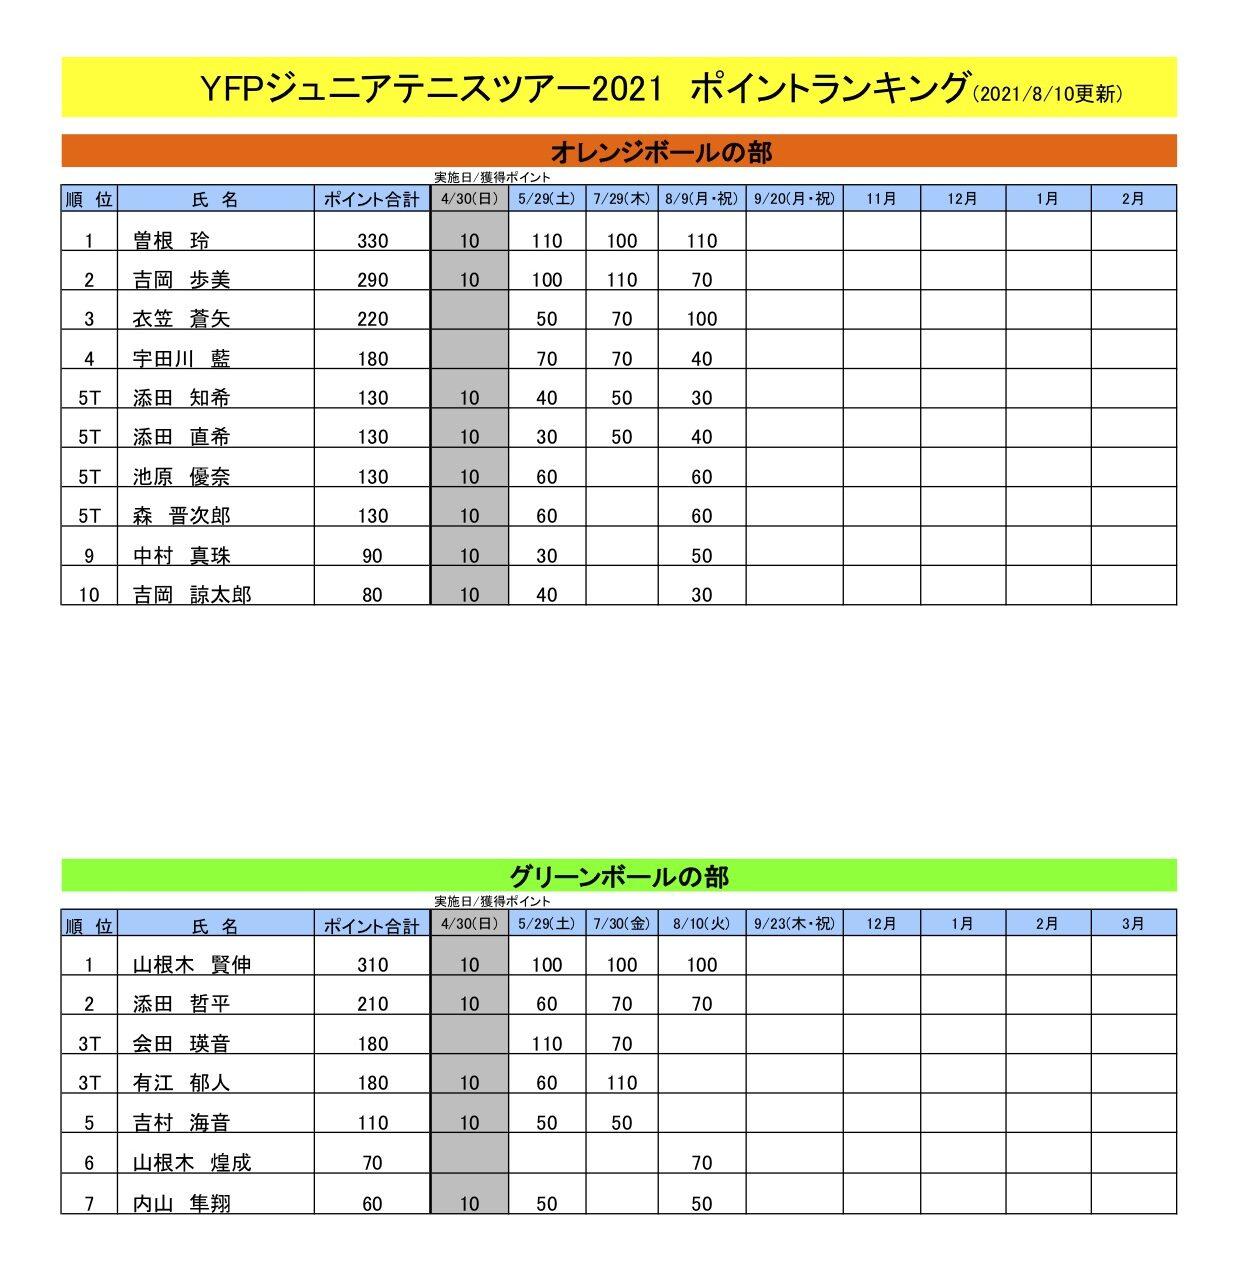 ランキング表(8月10日現在)